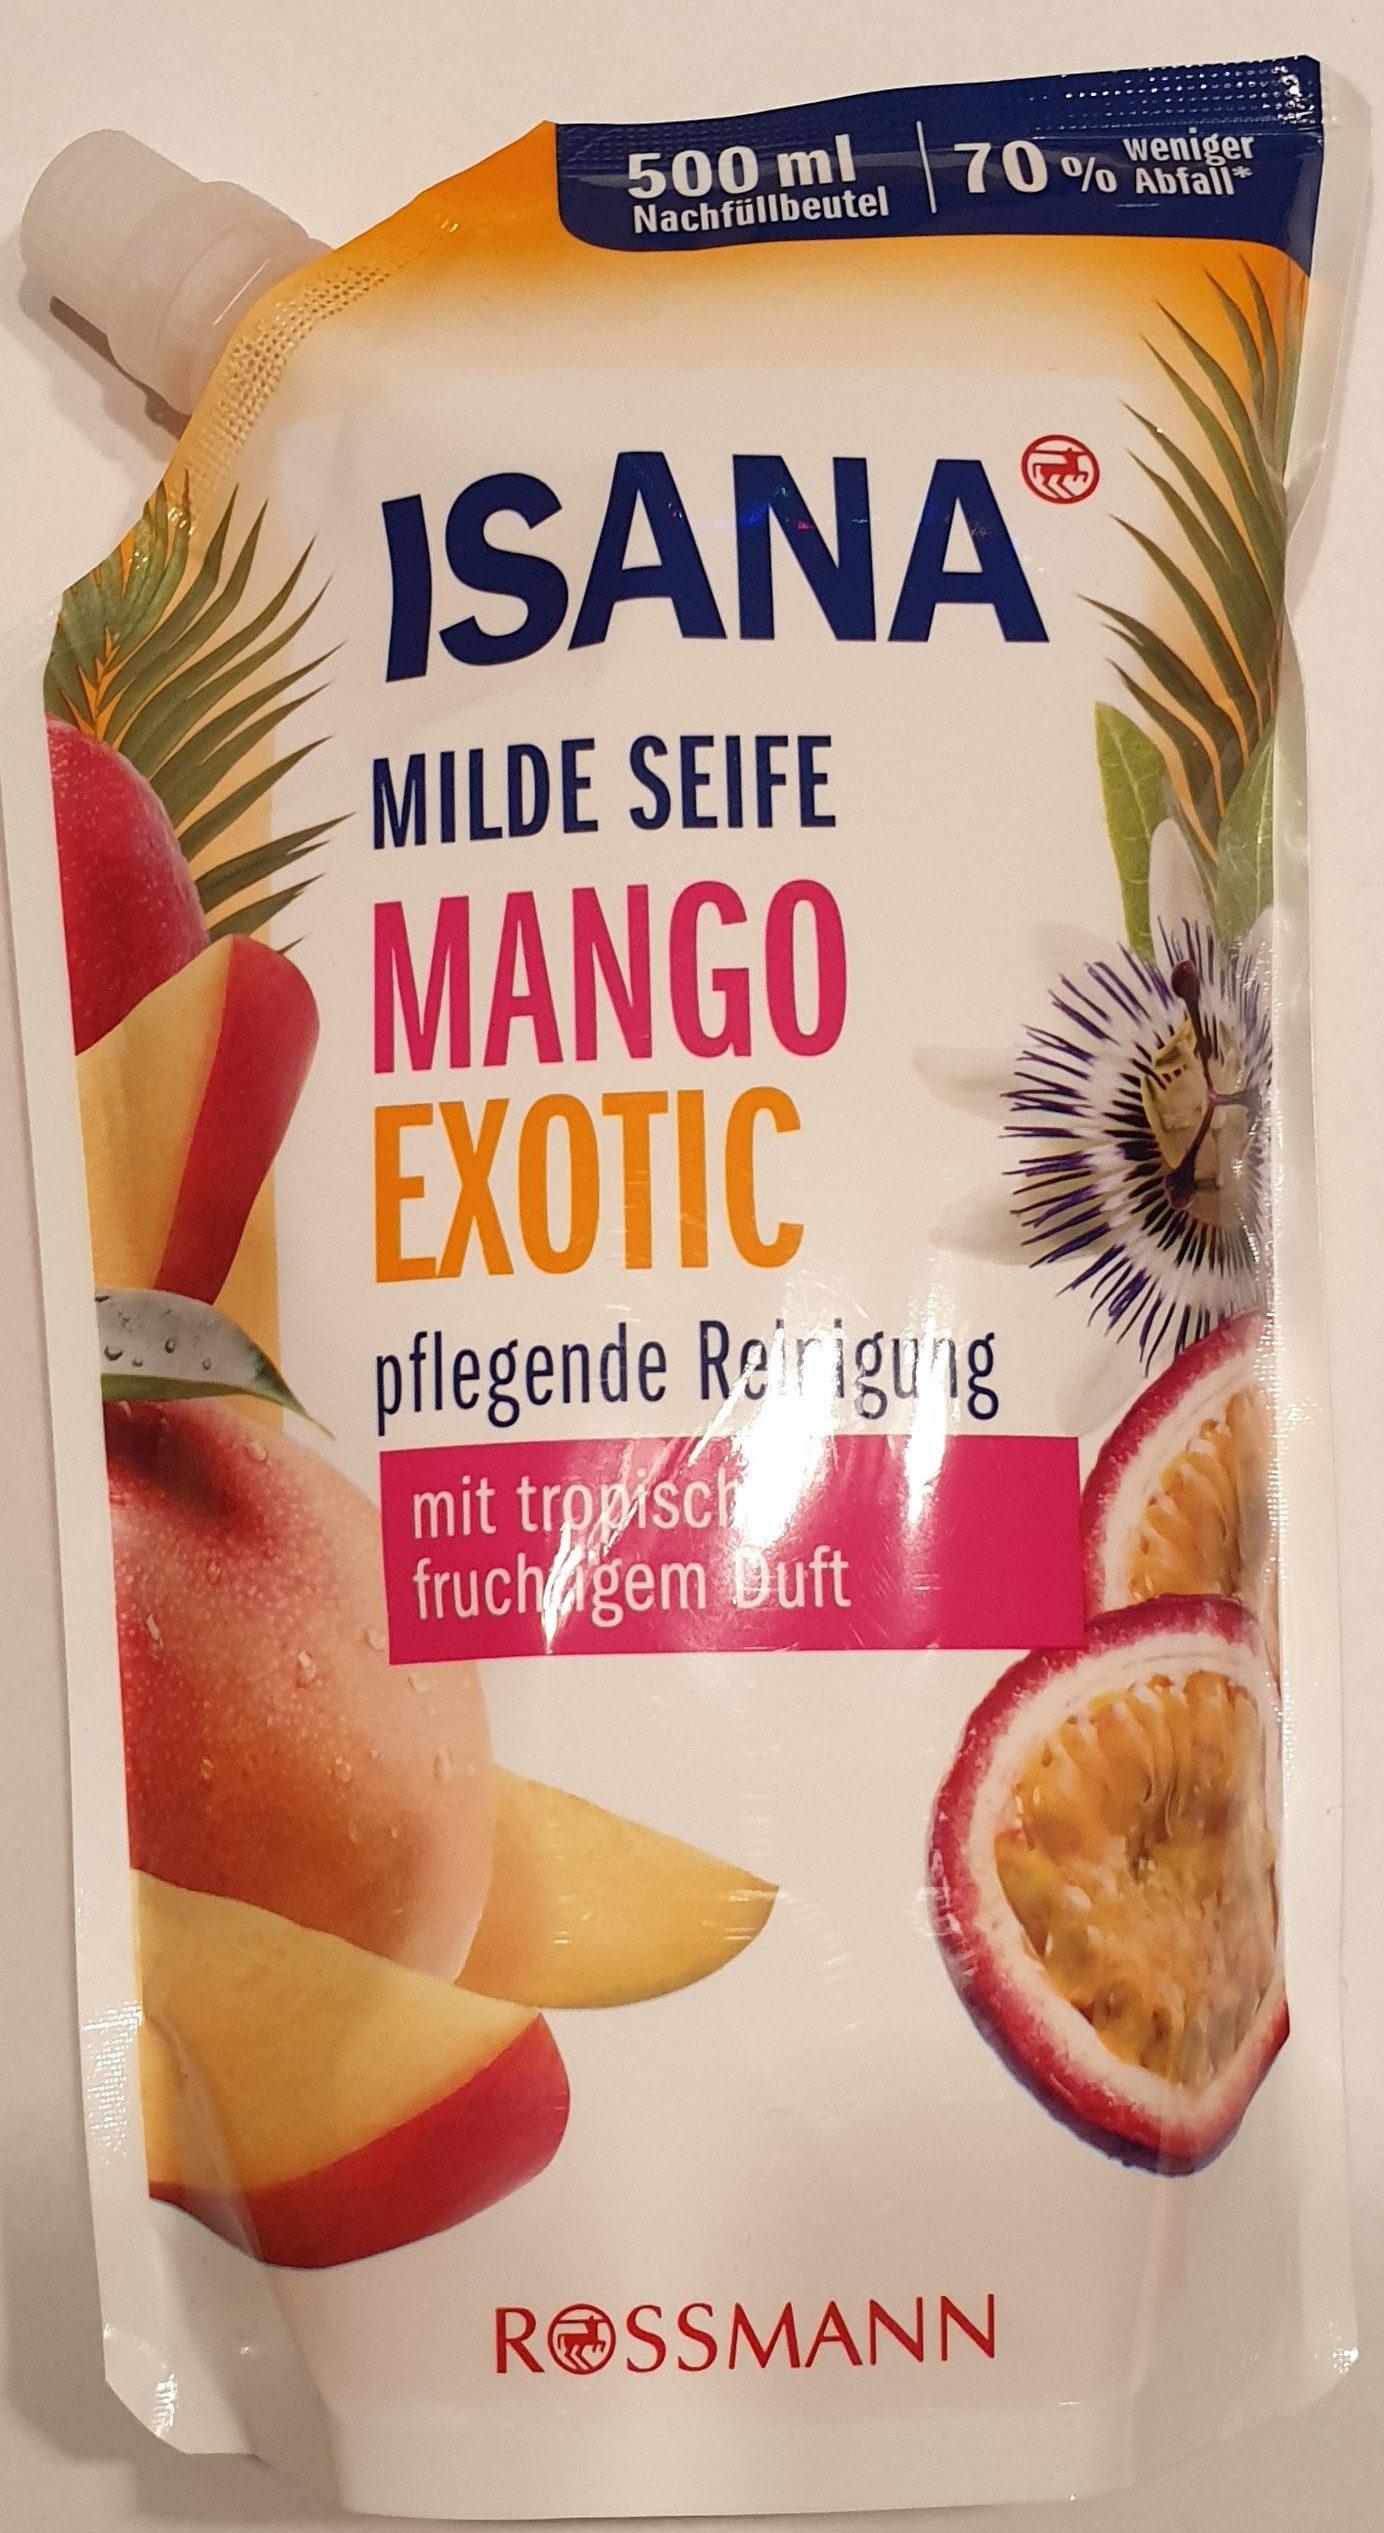 milde Seife Mango exotic - Product - de